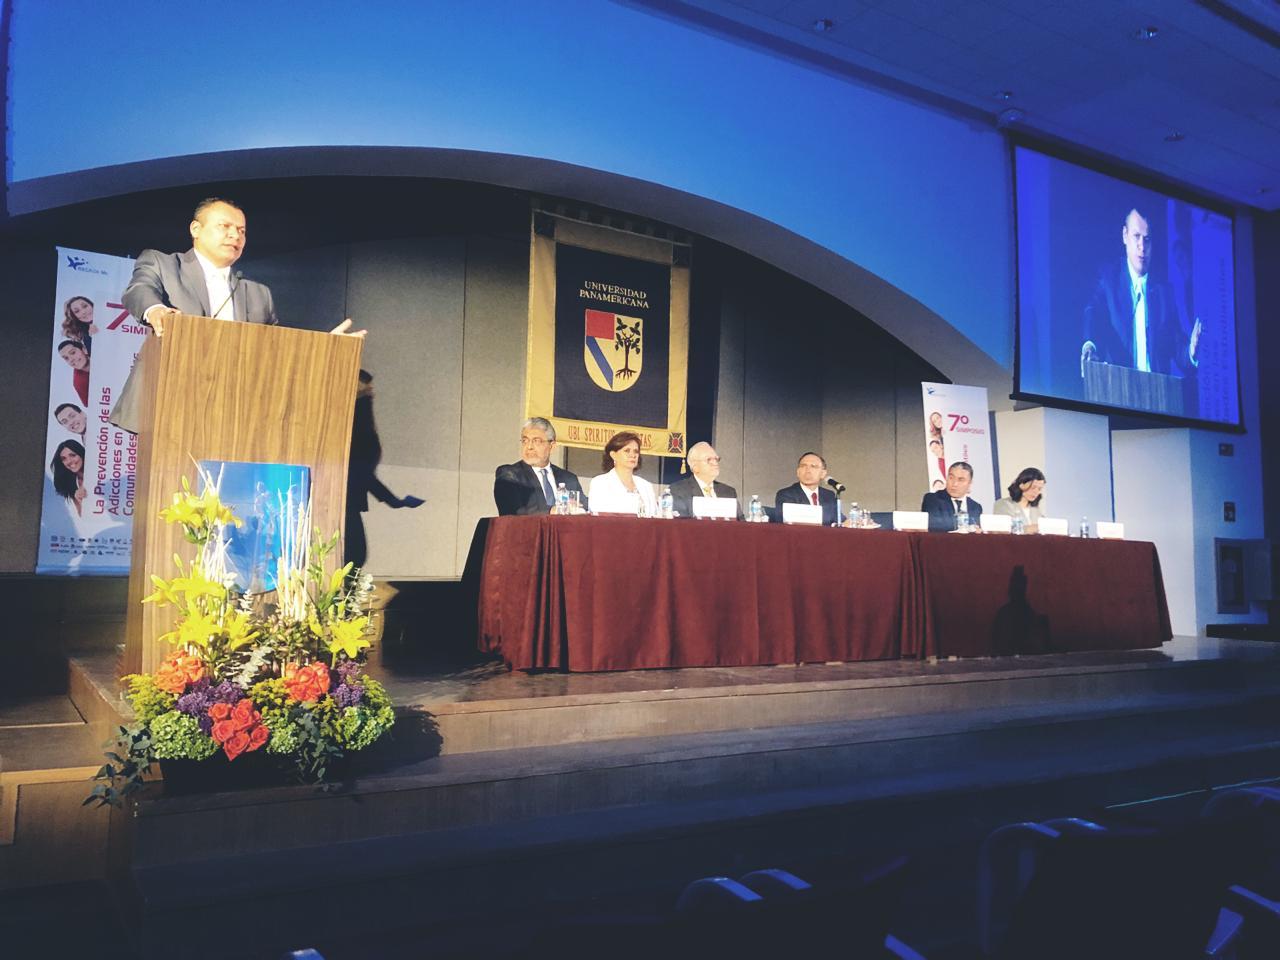 7° Simposio de la Red de Instituciones Educativas contra las Adicciones de la Ciudad de México (RIECA)